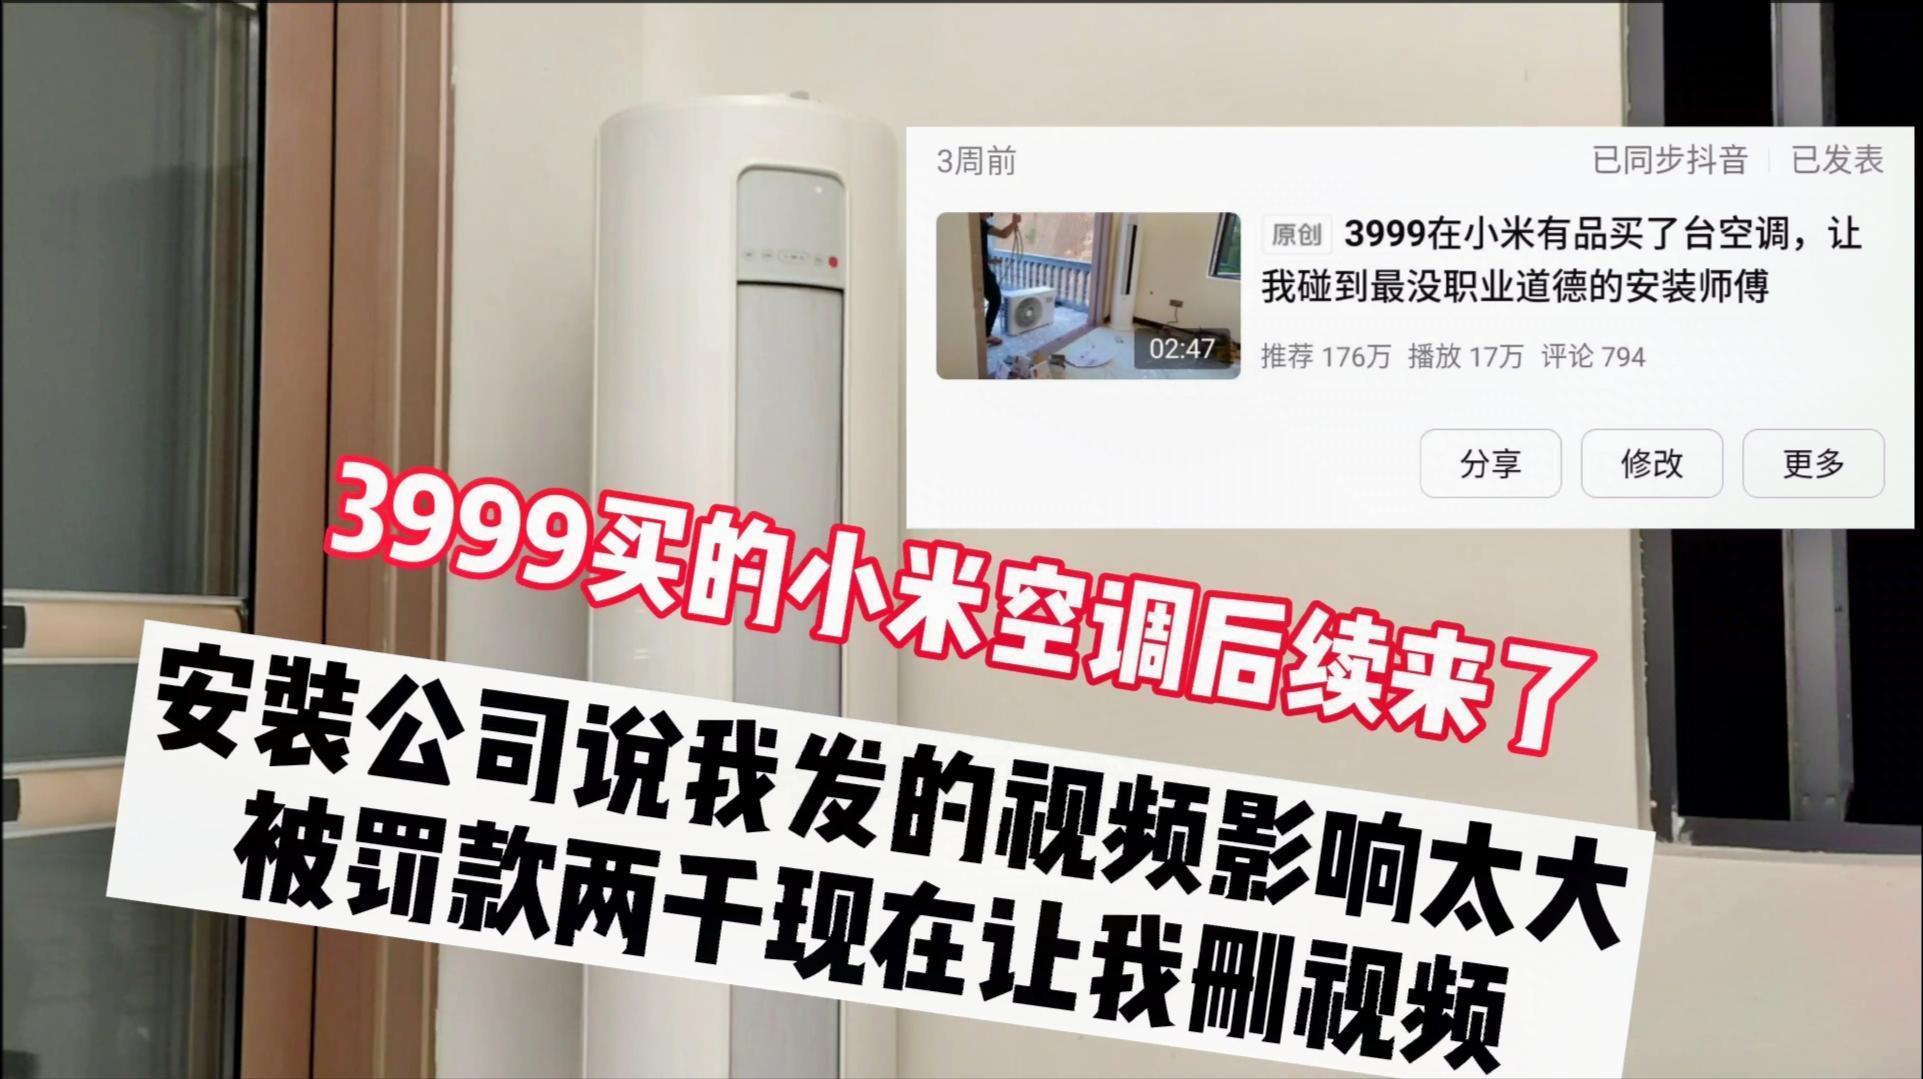 3999买的小米空调,碰到没有职业道德的安装师傅后续来了